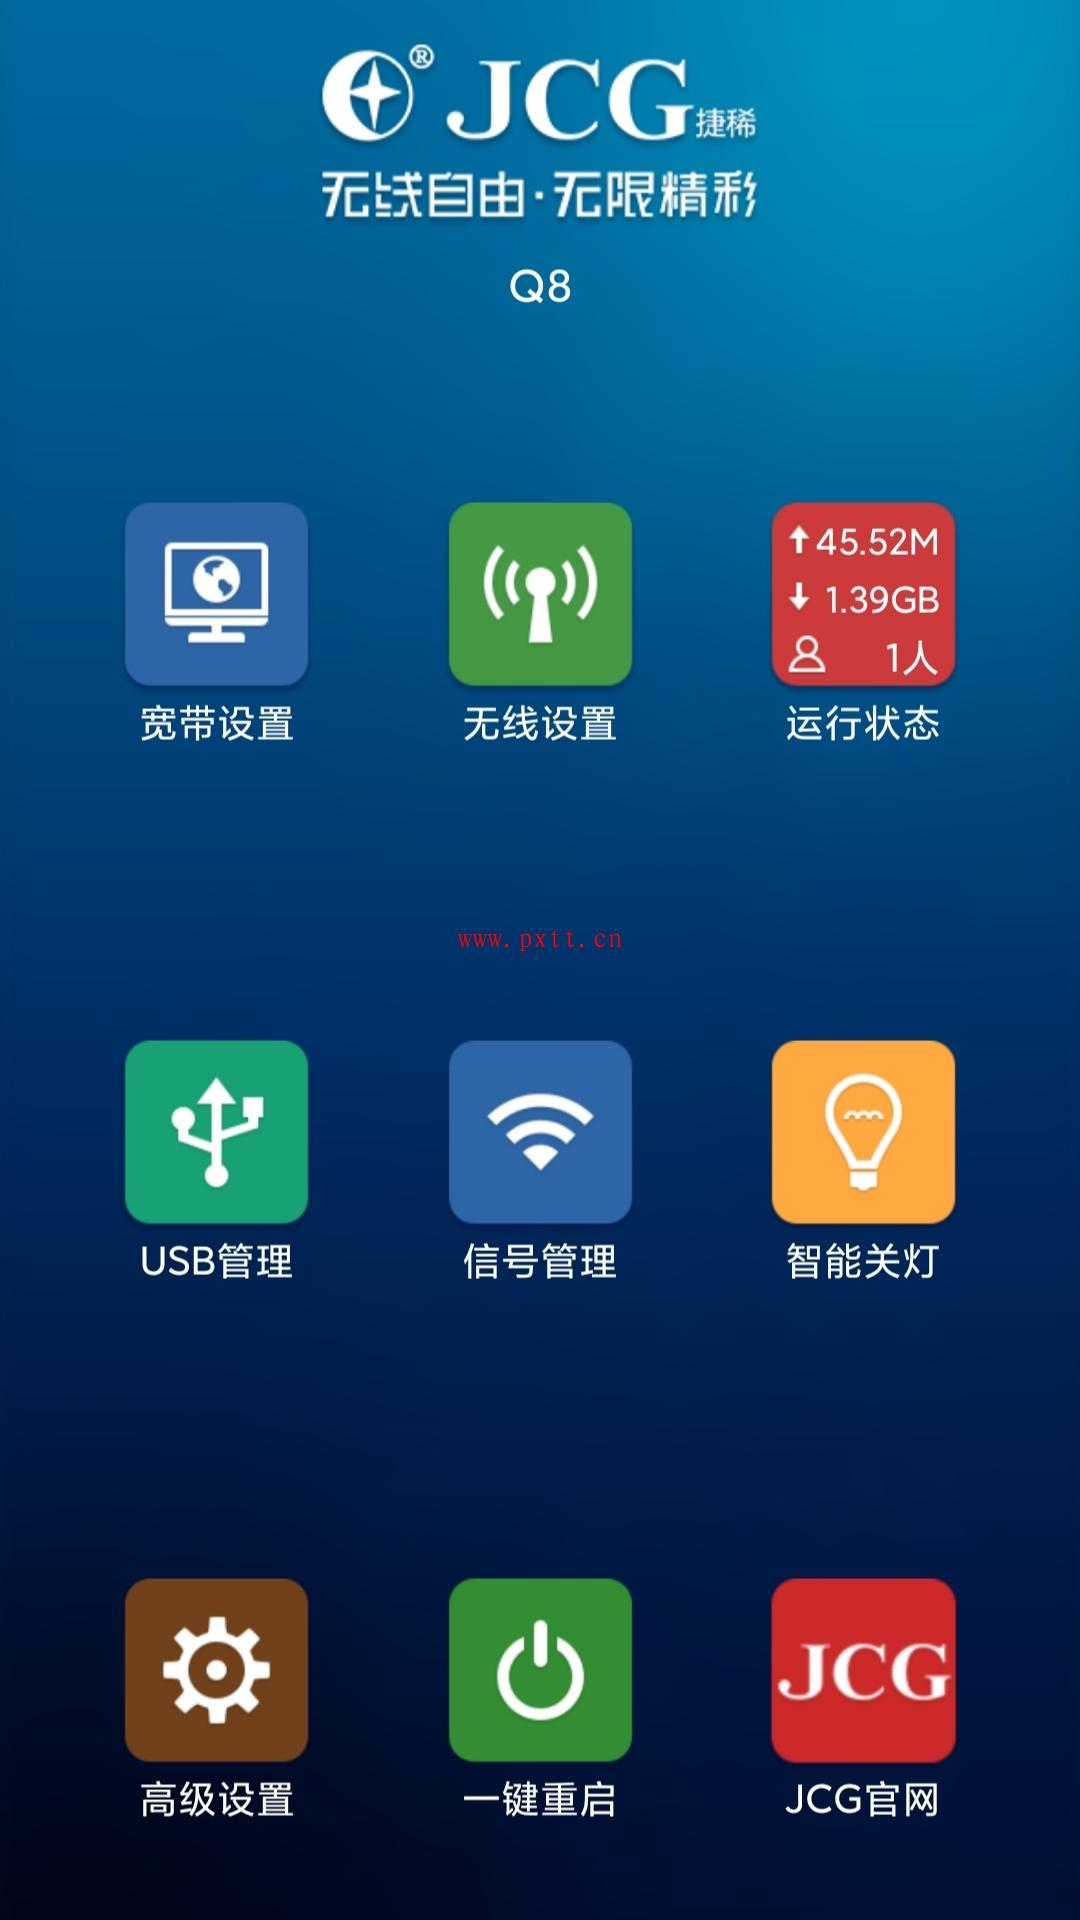 JCG Q8 智能无线APP下载